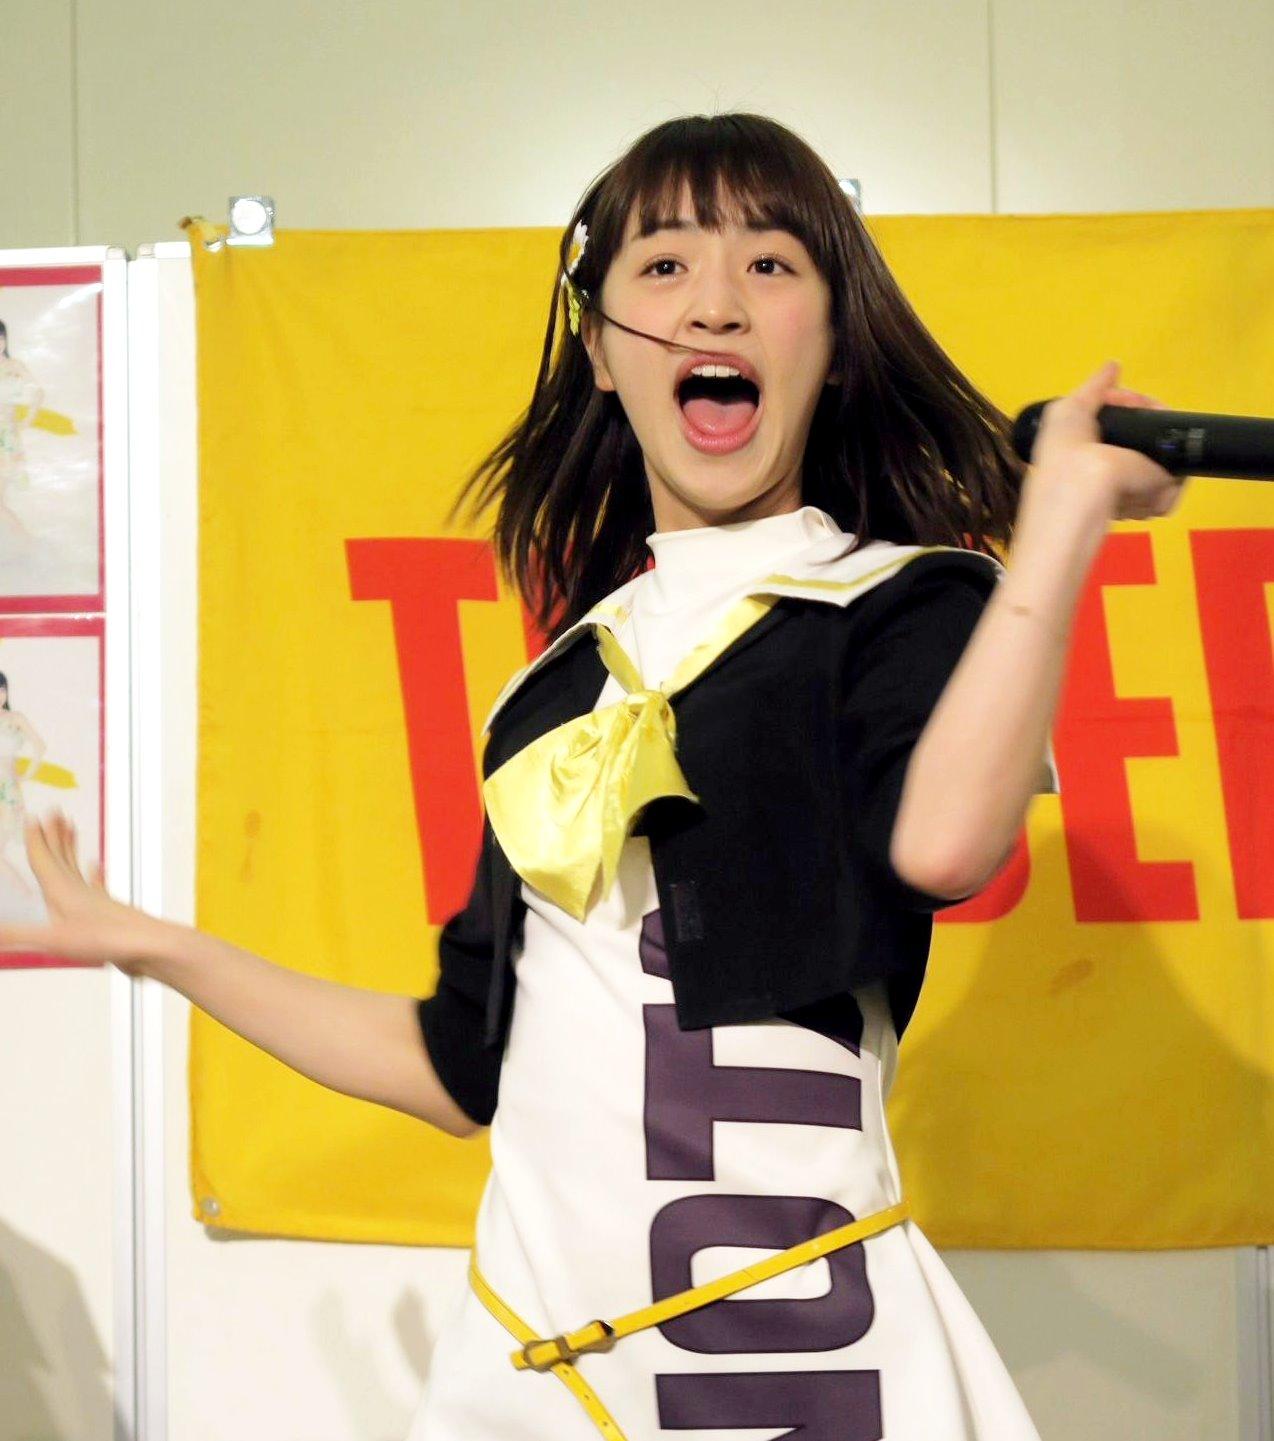 田崎礼奈の開口舌見せ (7)